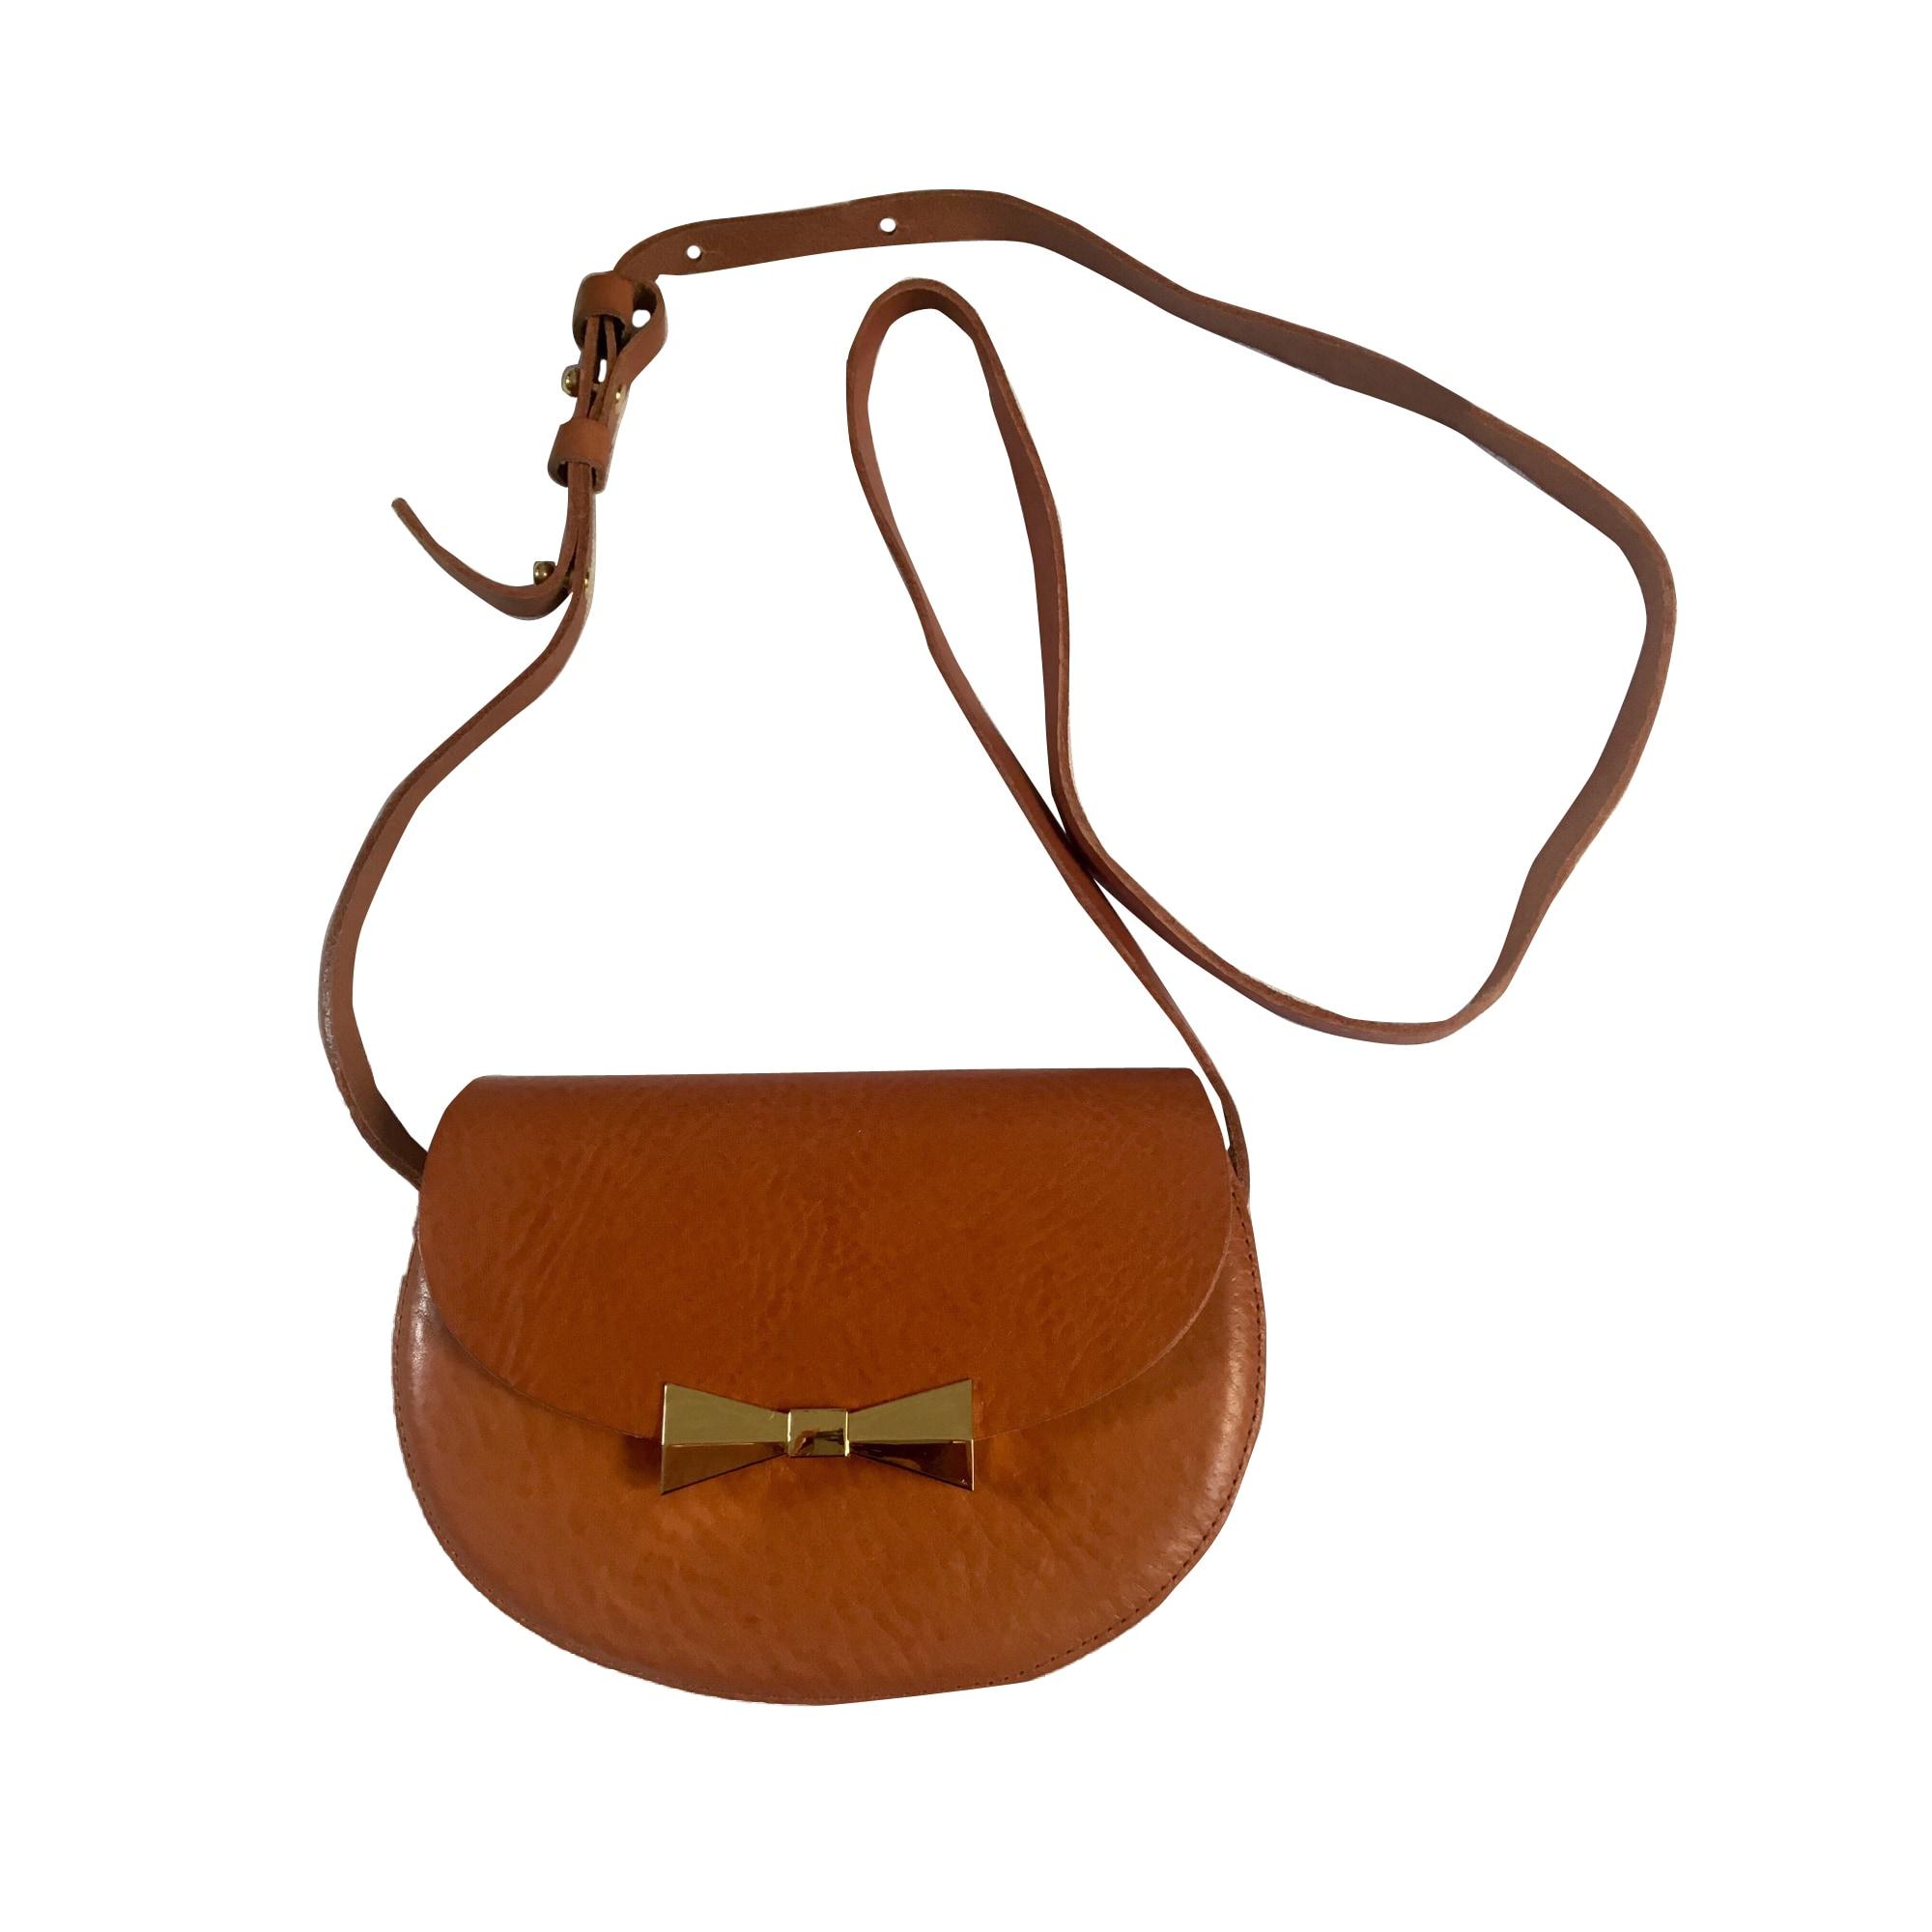 Leather Shoulder Bag DES PETITS HAUTS Cuir naturel